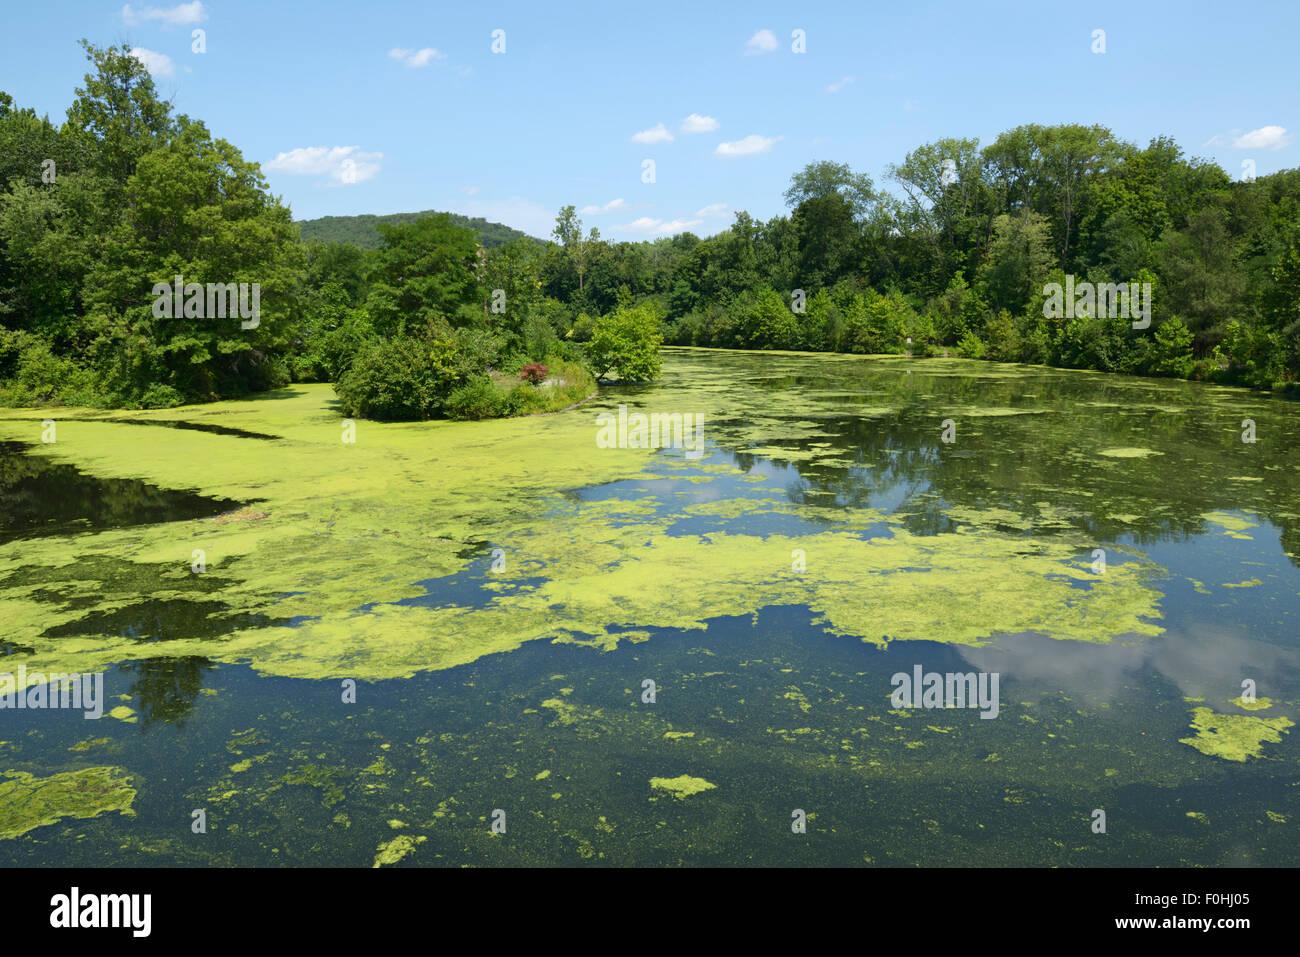 Algenblüte infolge der Eutrophierung, Ramapo River, northern NJ. Verunreinigung des Wassers Stockbild